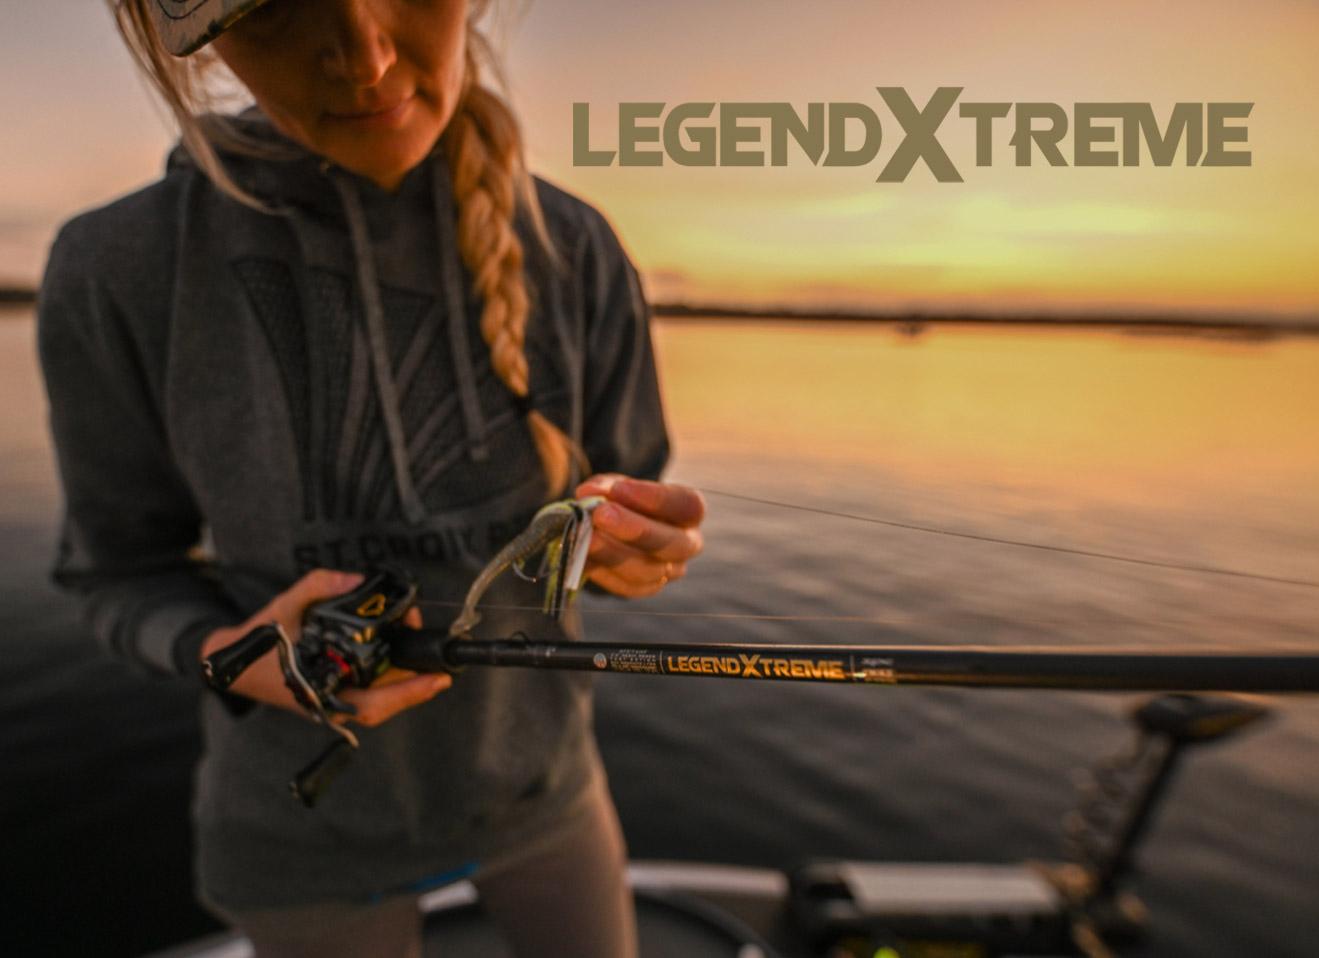 Legend-Xtreme